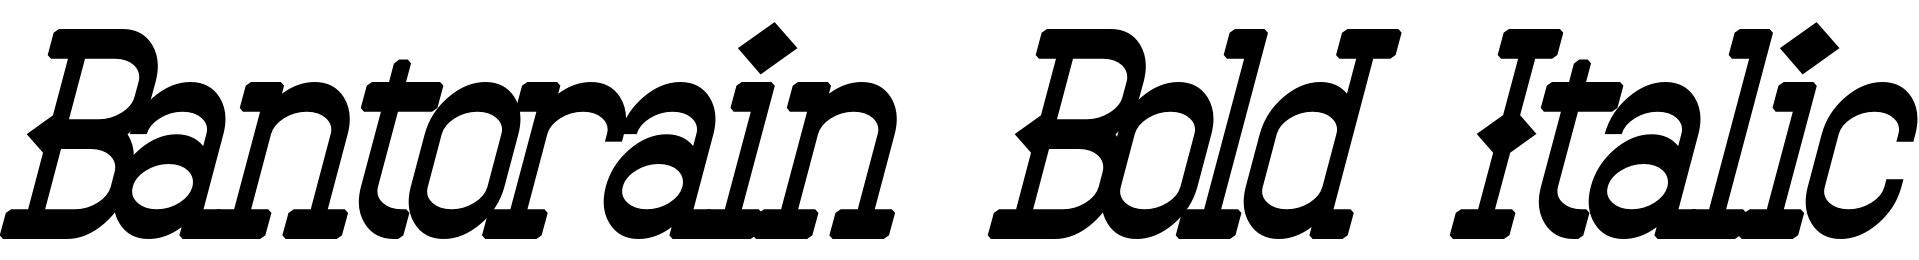 Bantorain Bold Italic